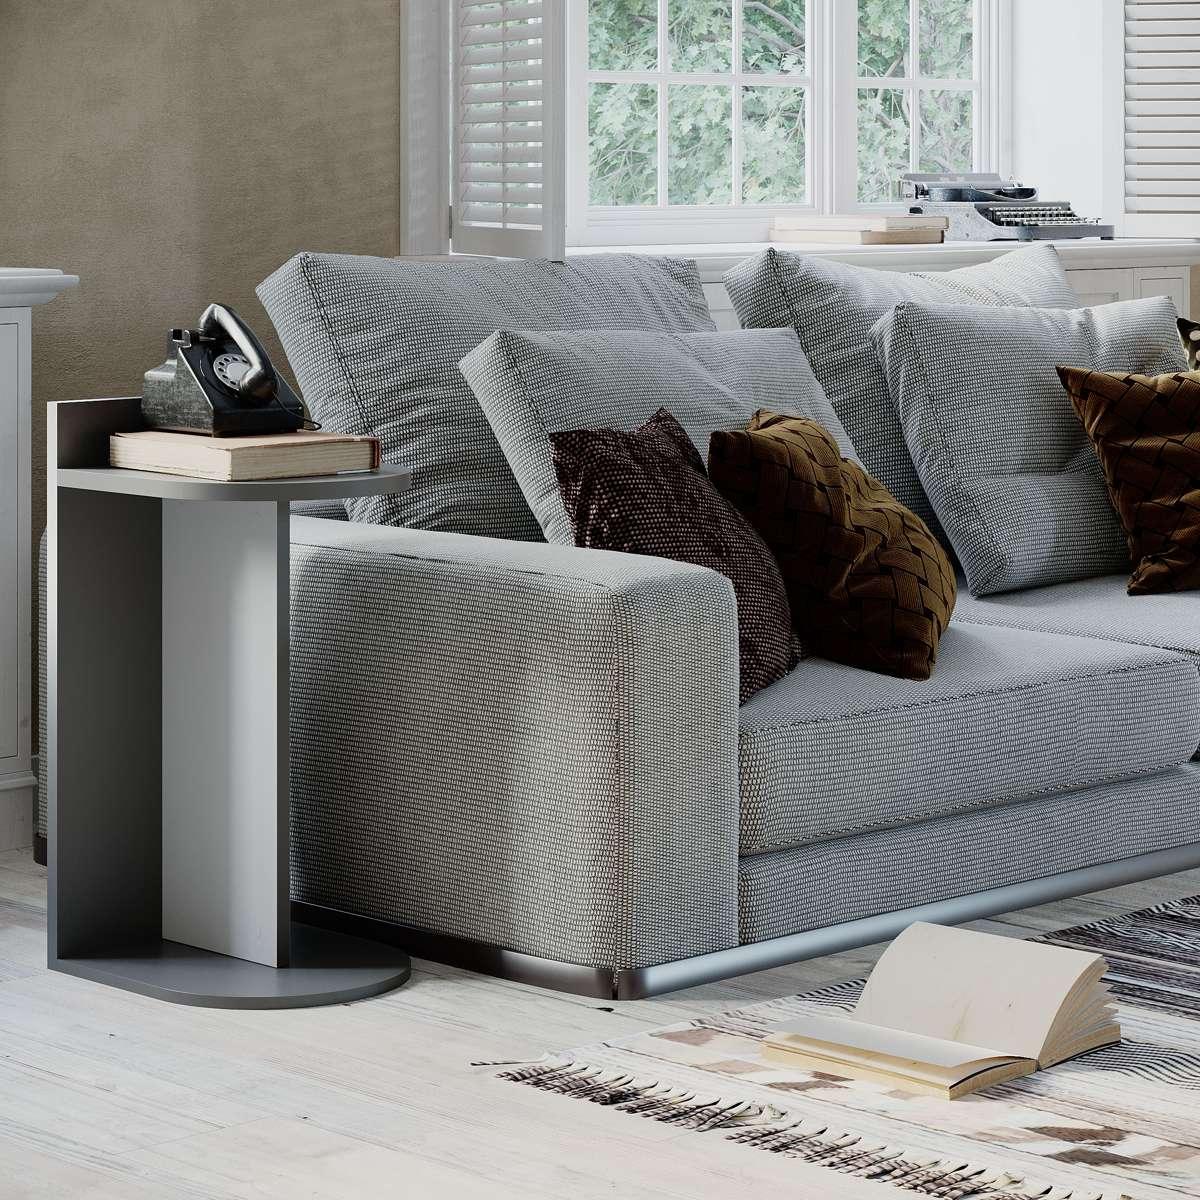 שולחן סלון  DOM COFFEE TABLE אפור/לבן מסדרת Decoline